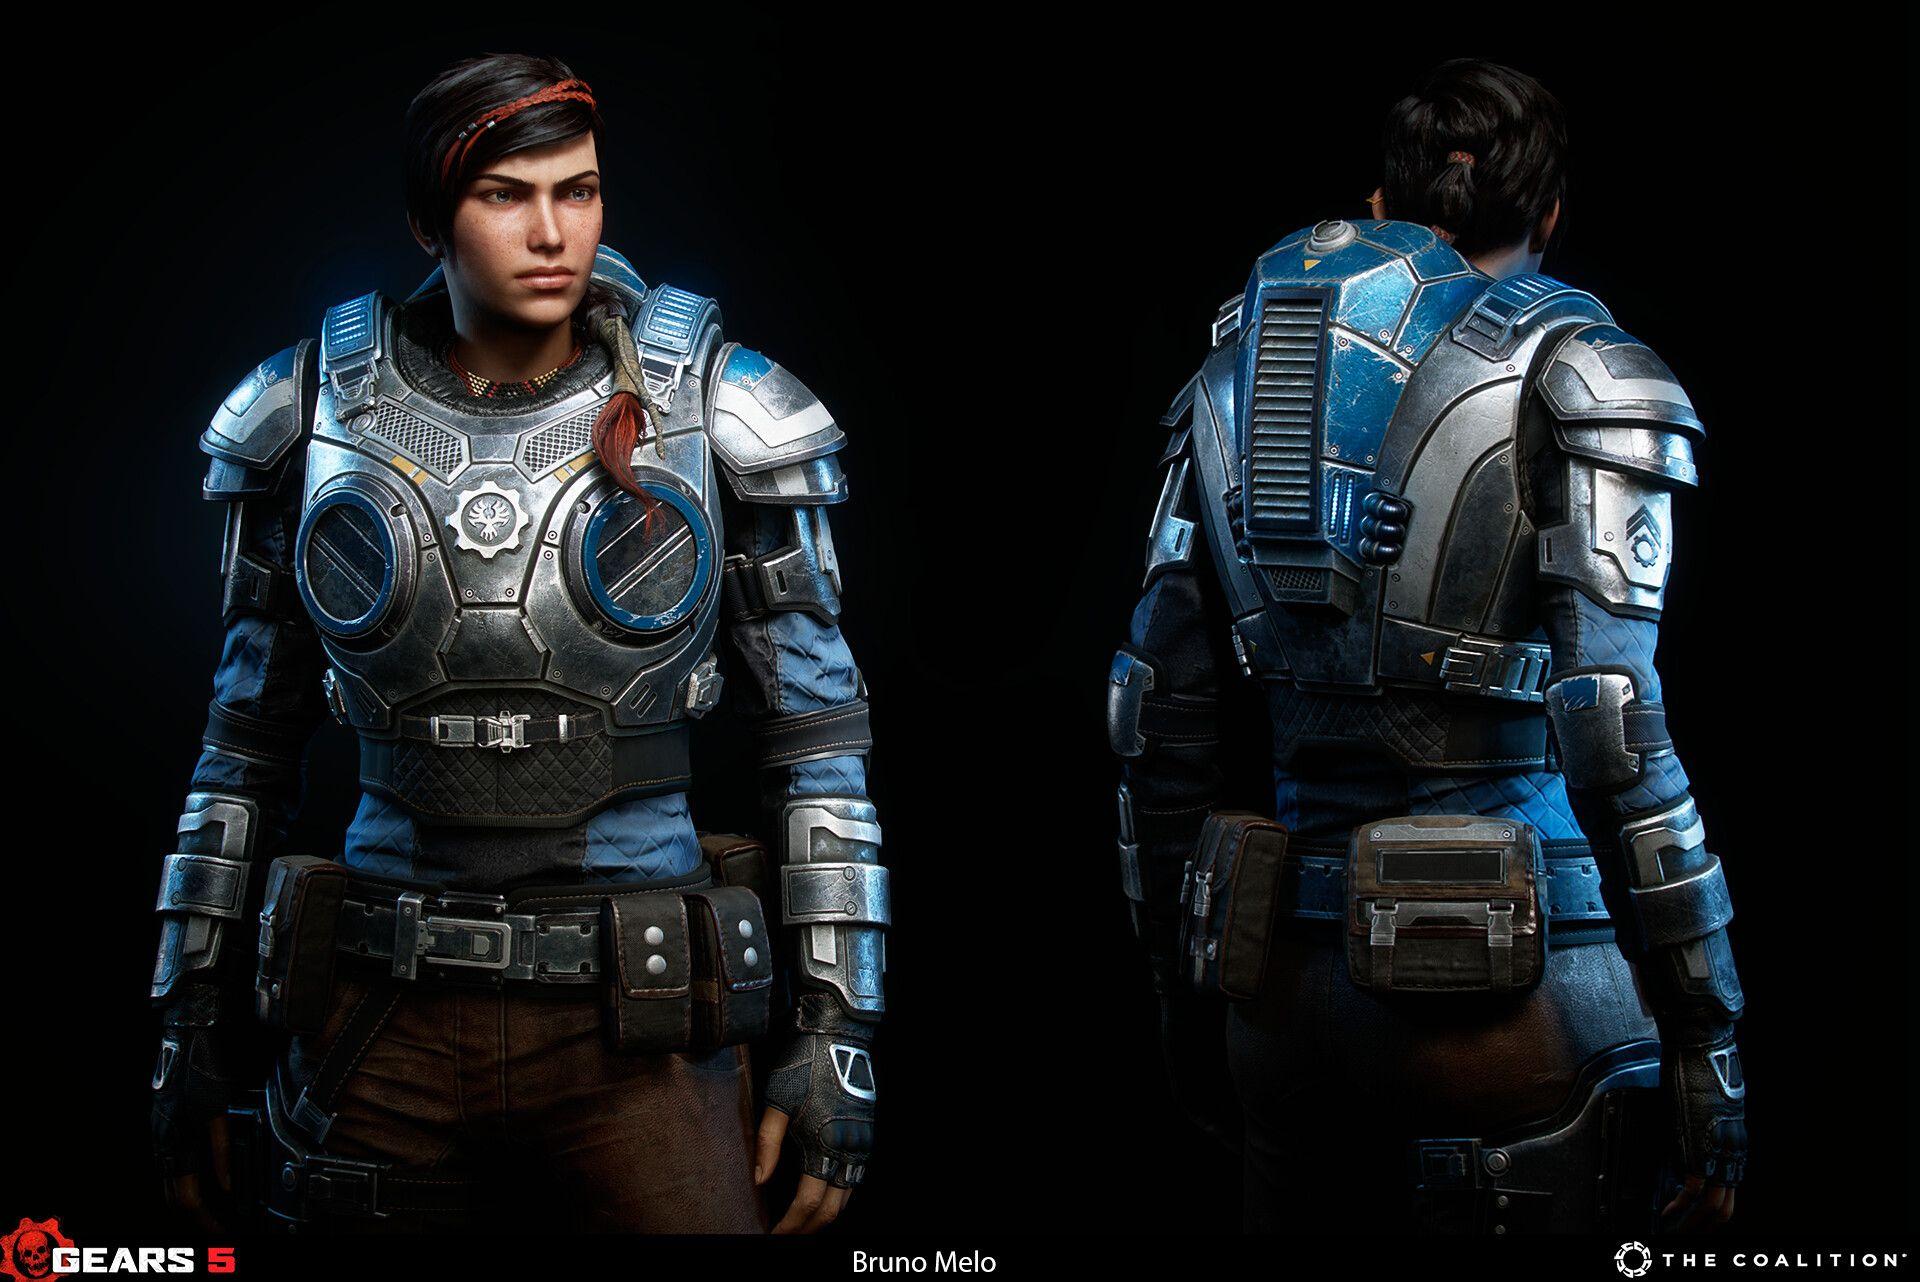 Artstation Gears 5 Kait Diaz Bruno Melo Gears Gears Of War Girls Illustration